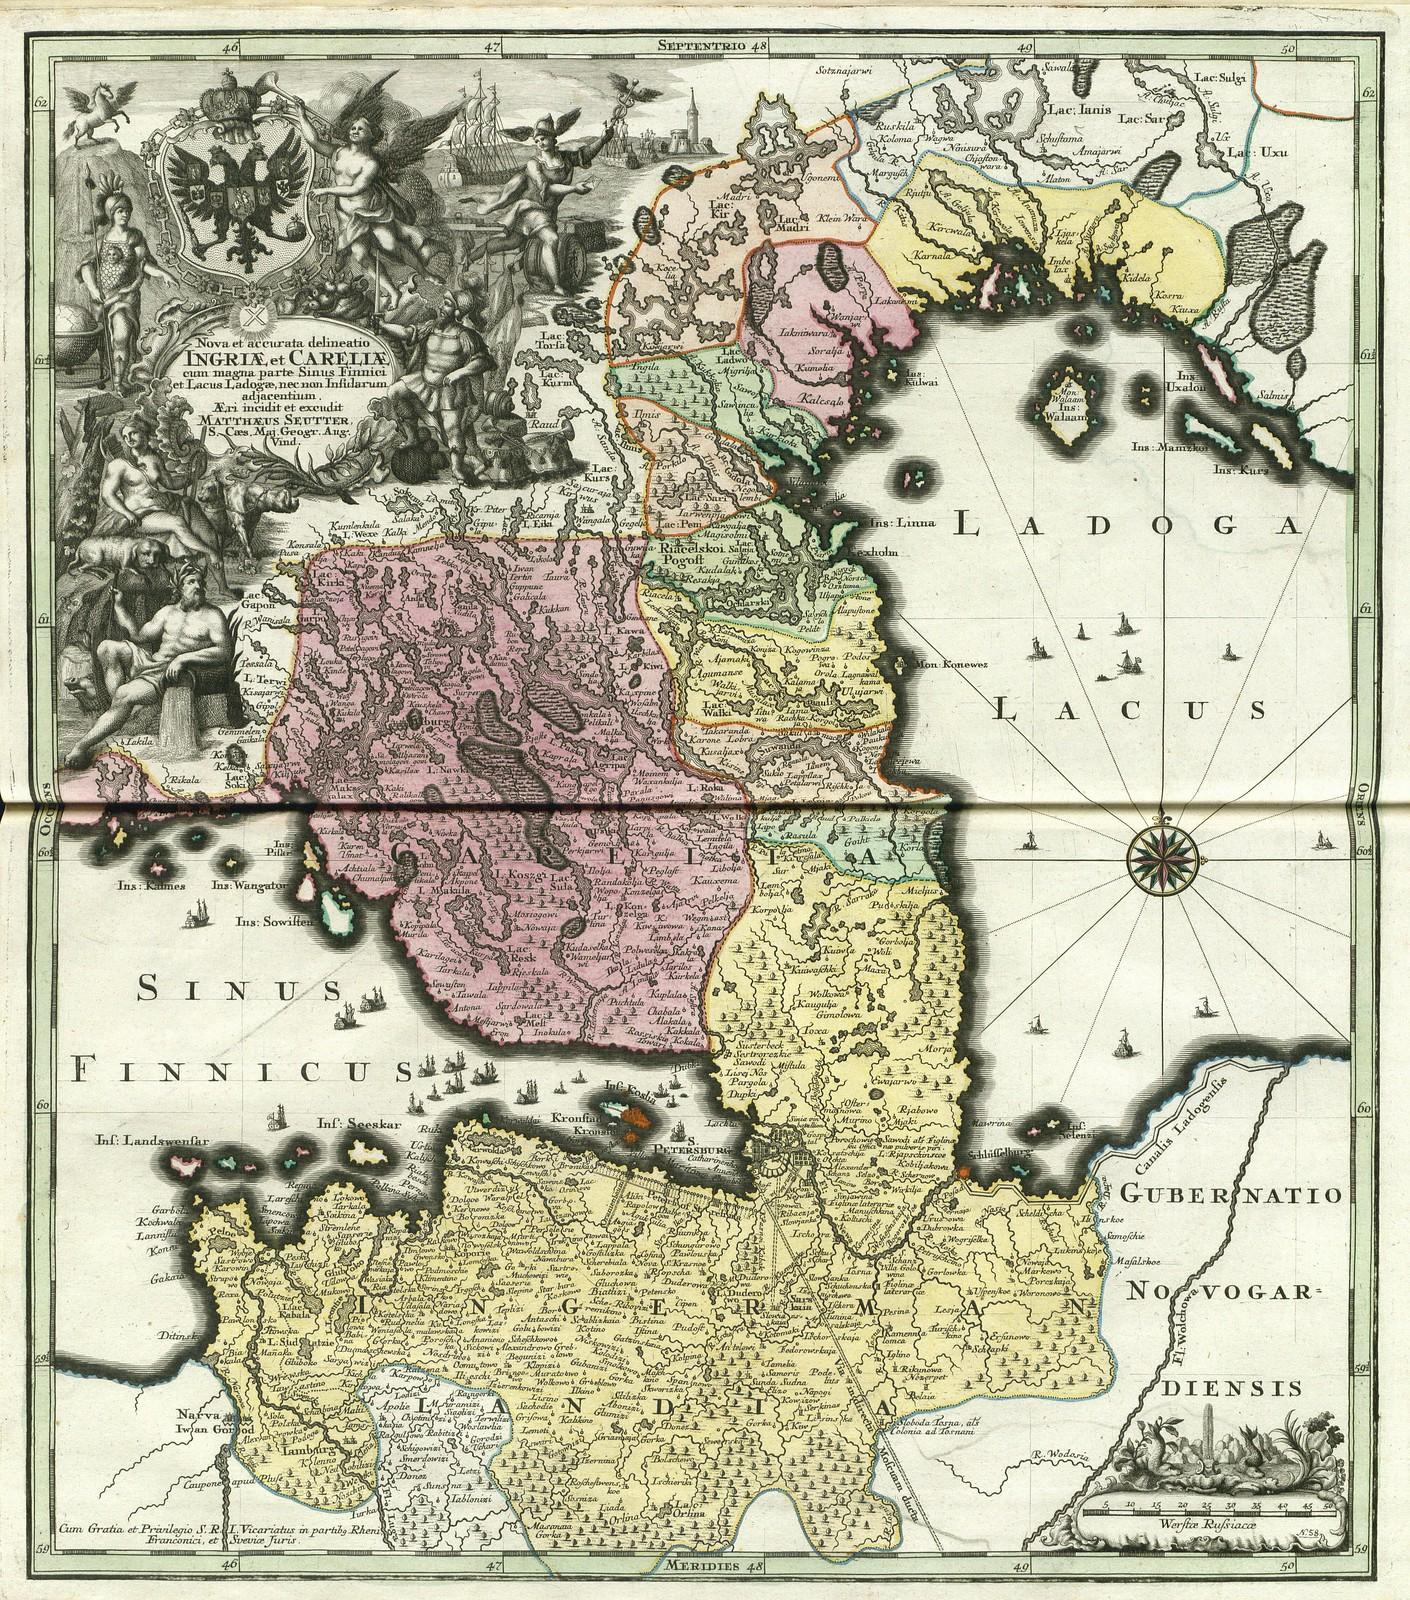 1744. Новое тщательное разграничение Ингрии и Карелии, Мэтью Lotter, Аугсбург